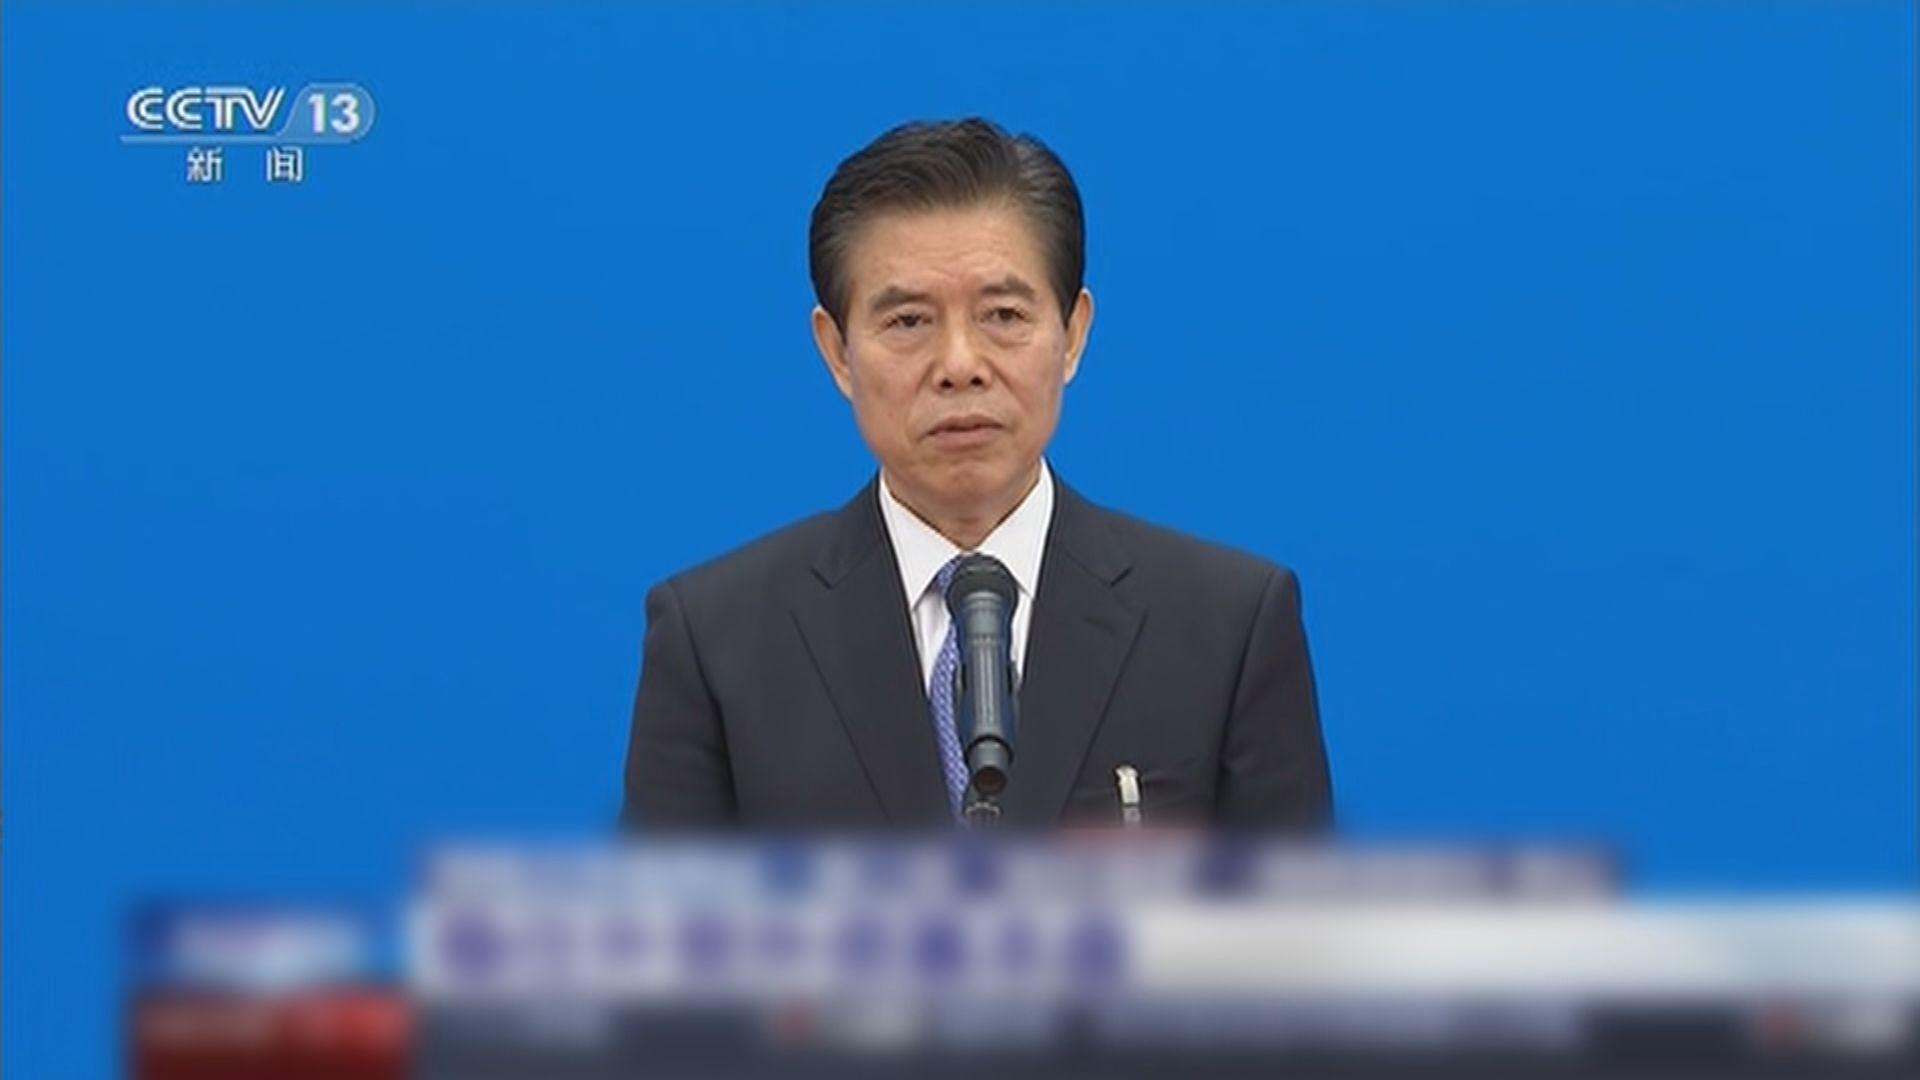 鍾山:中國對澳洲大麥徵稅決定是慎重克制